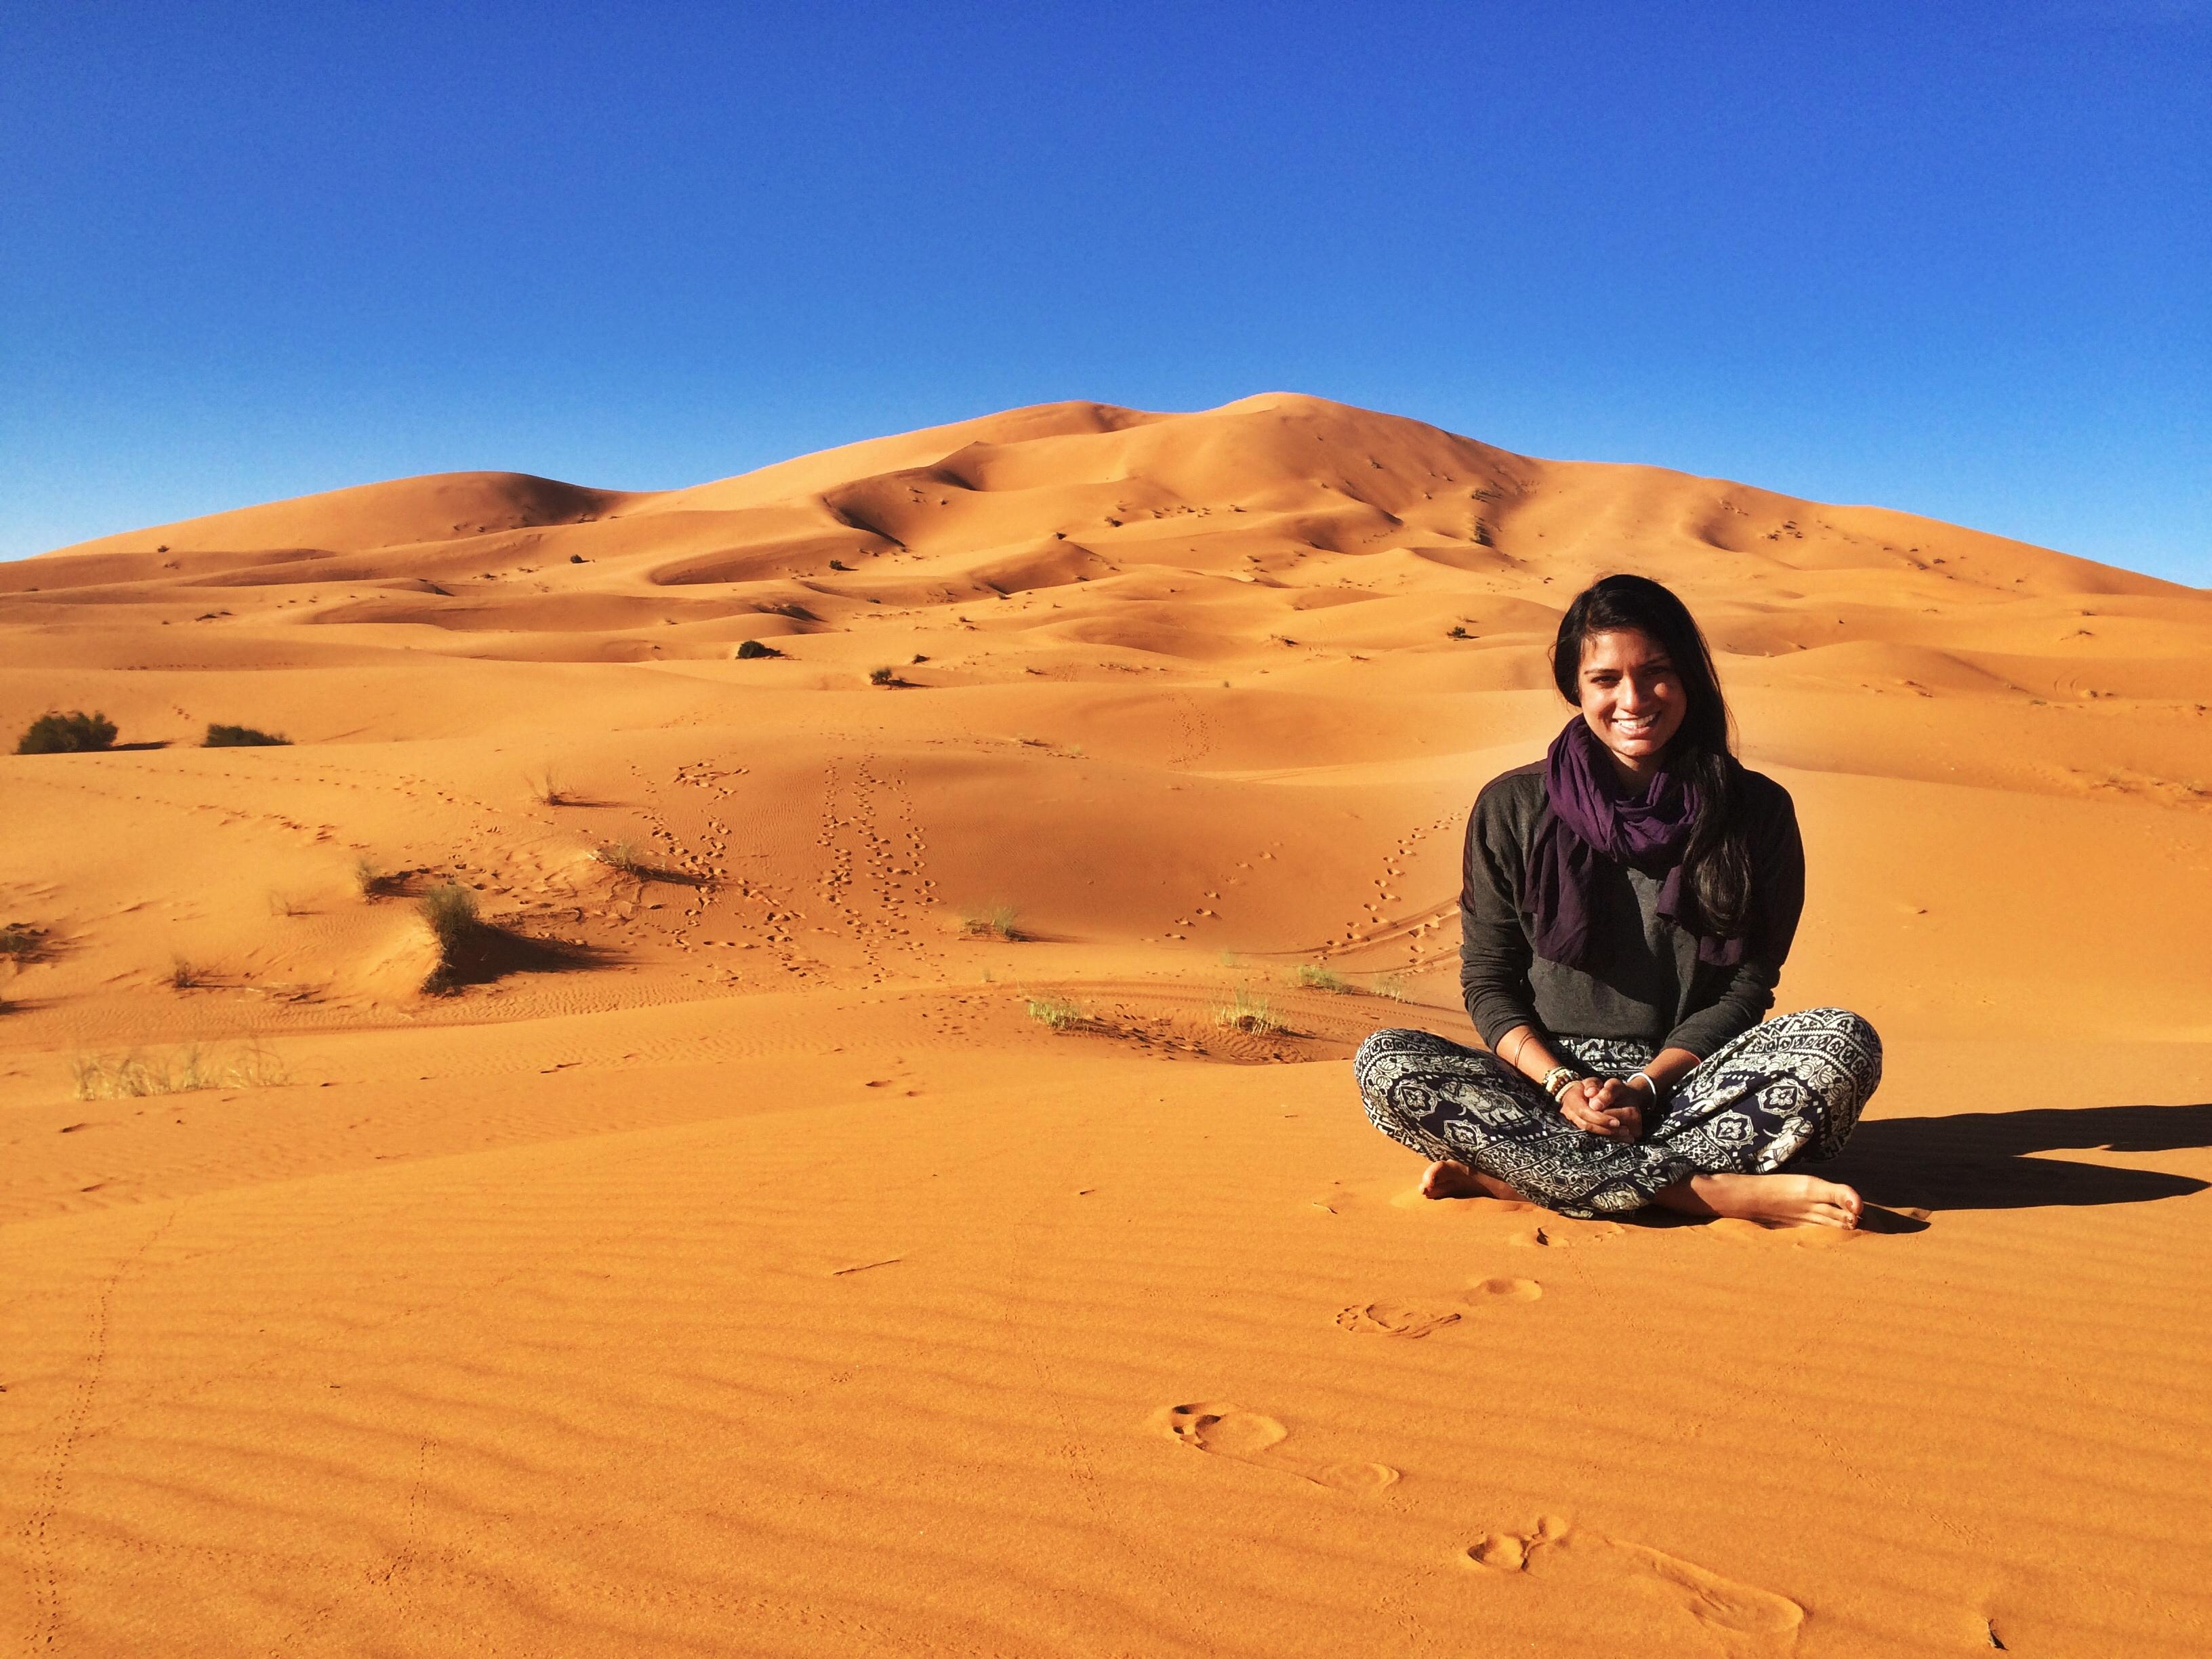 Desert Landscape Wallpaper Hd Sleeping Under The Stars On A Sahara Desert Tour 187 Lavi